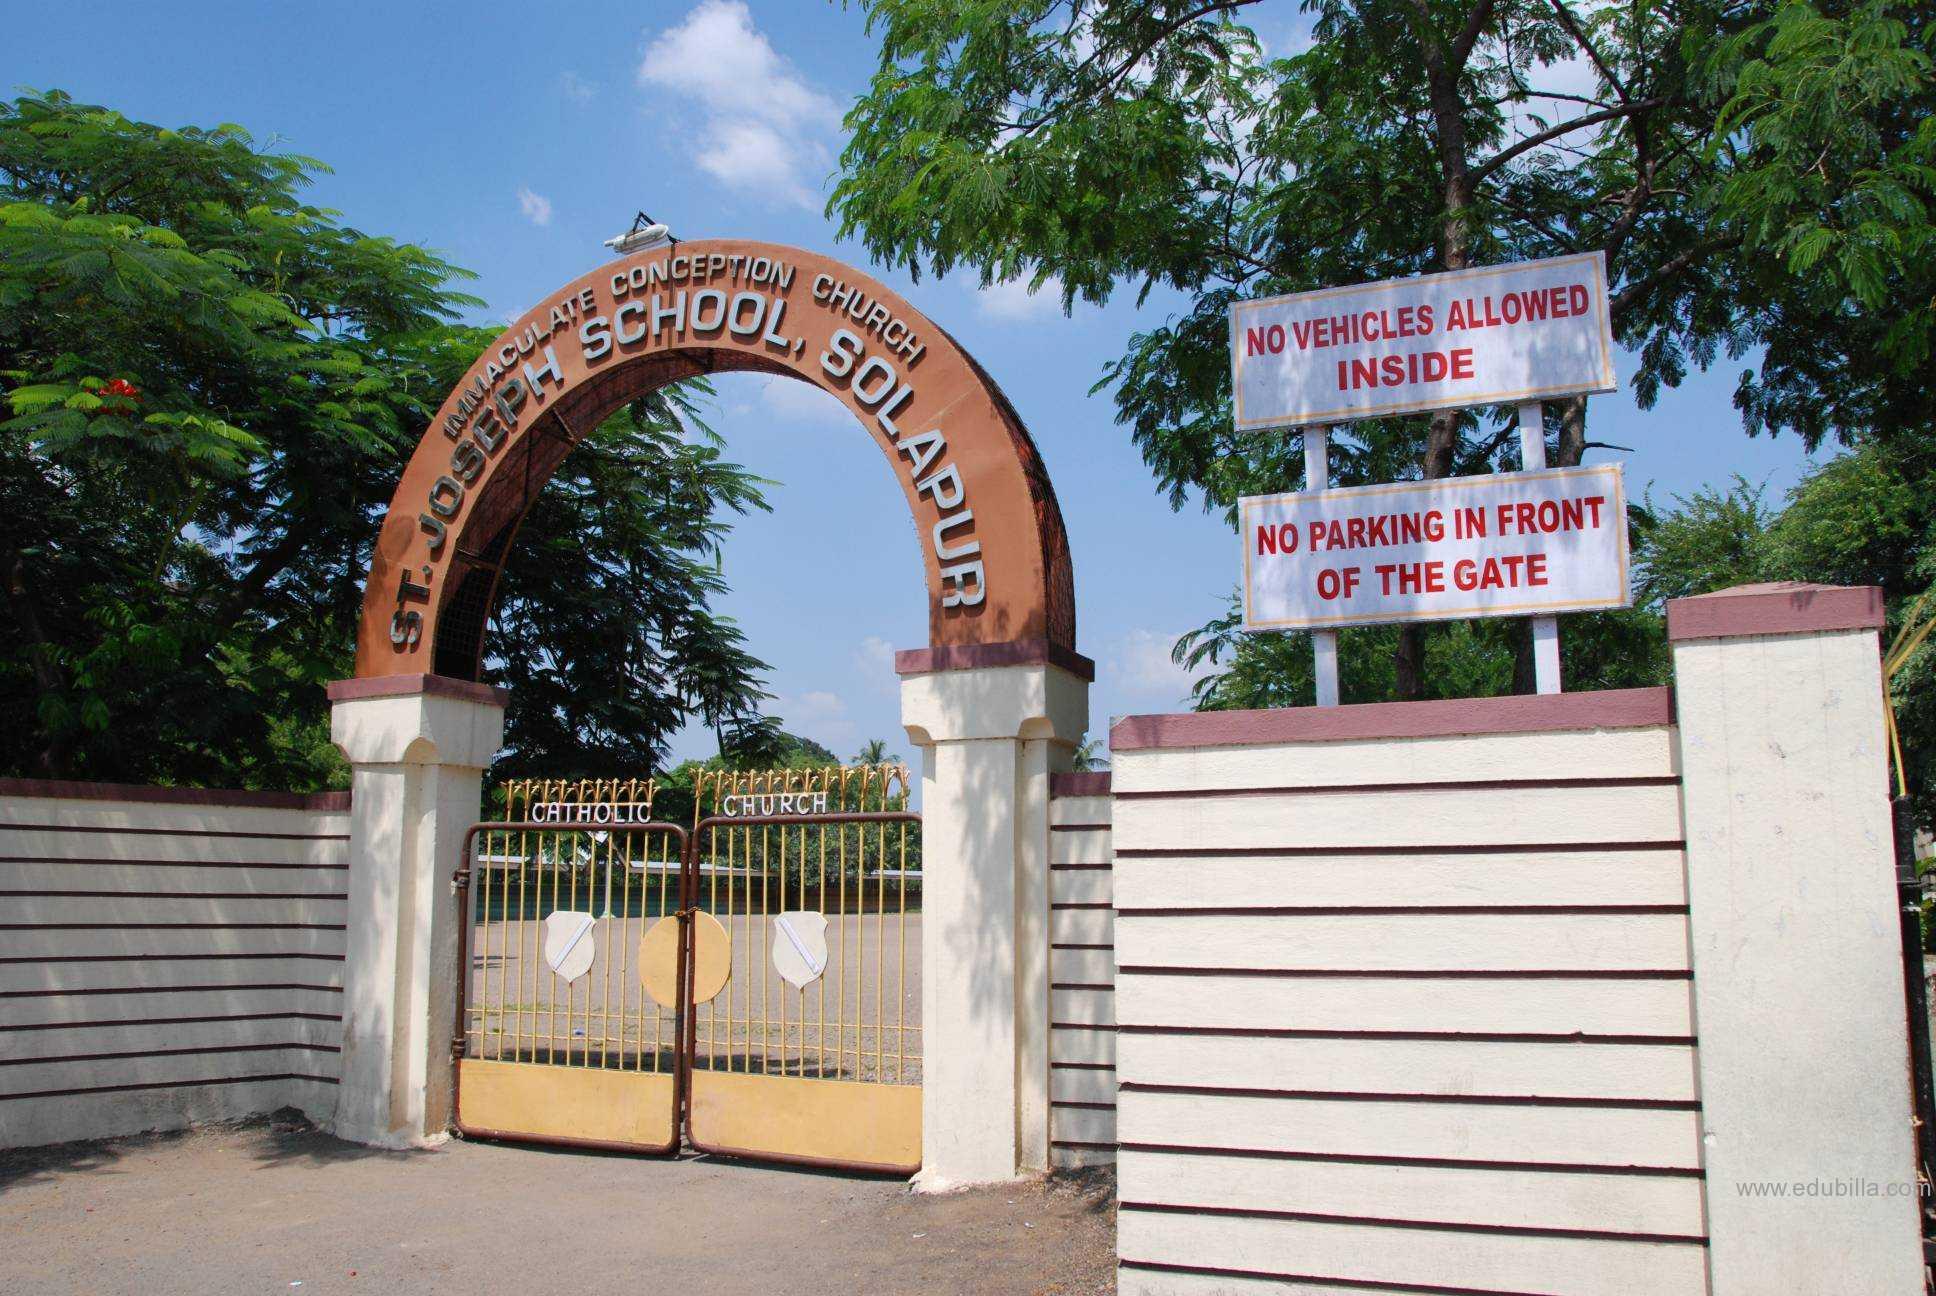 St. Joseph High School, Solapur | Edubilla.com